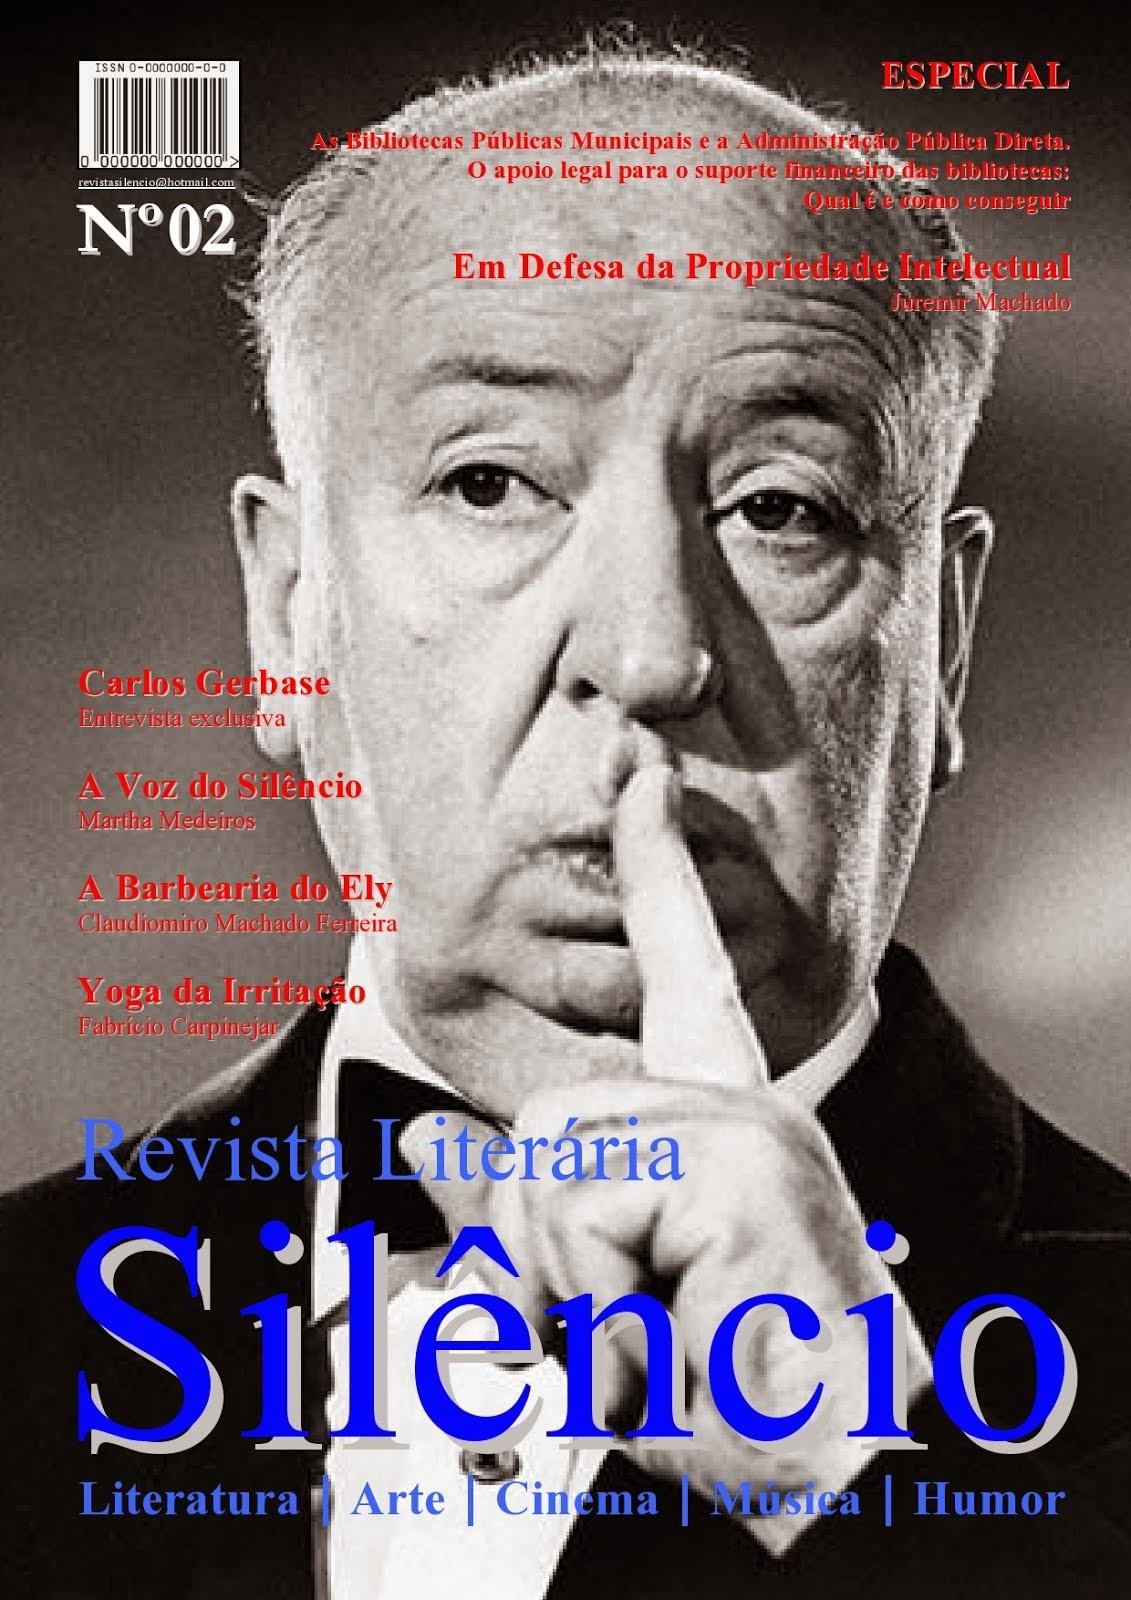 Revista Literária Silêncio nº02